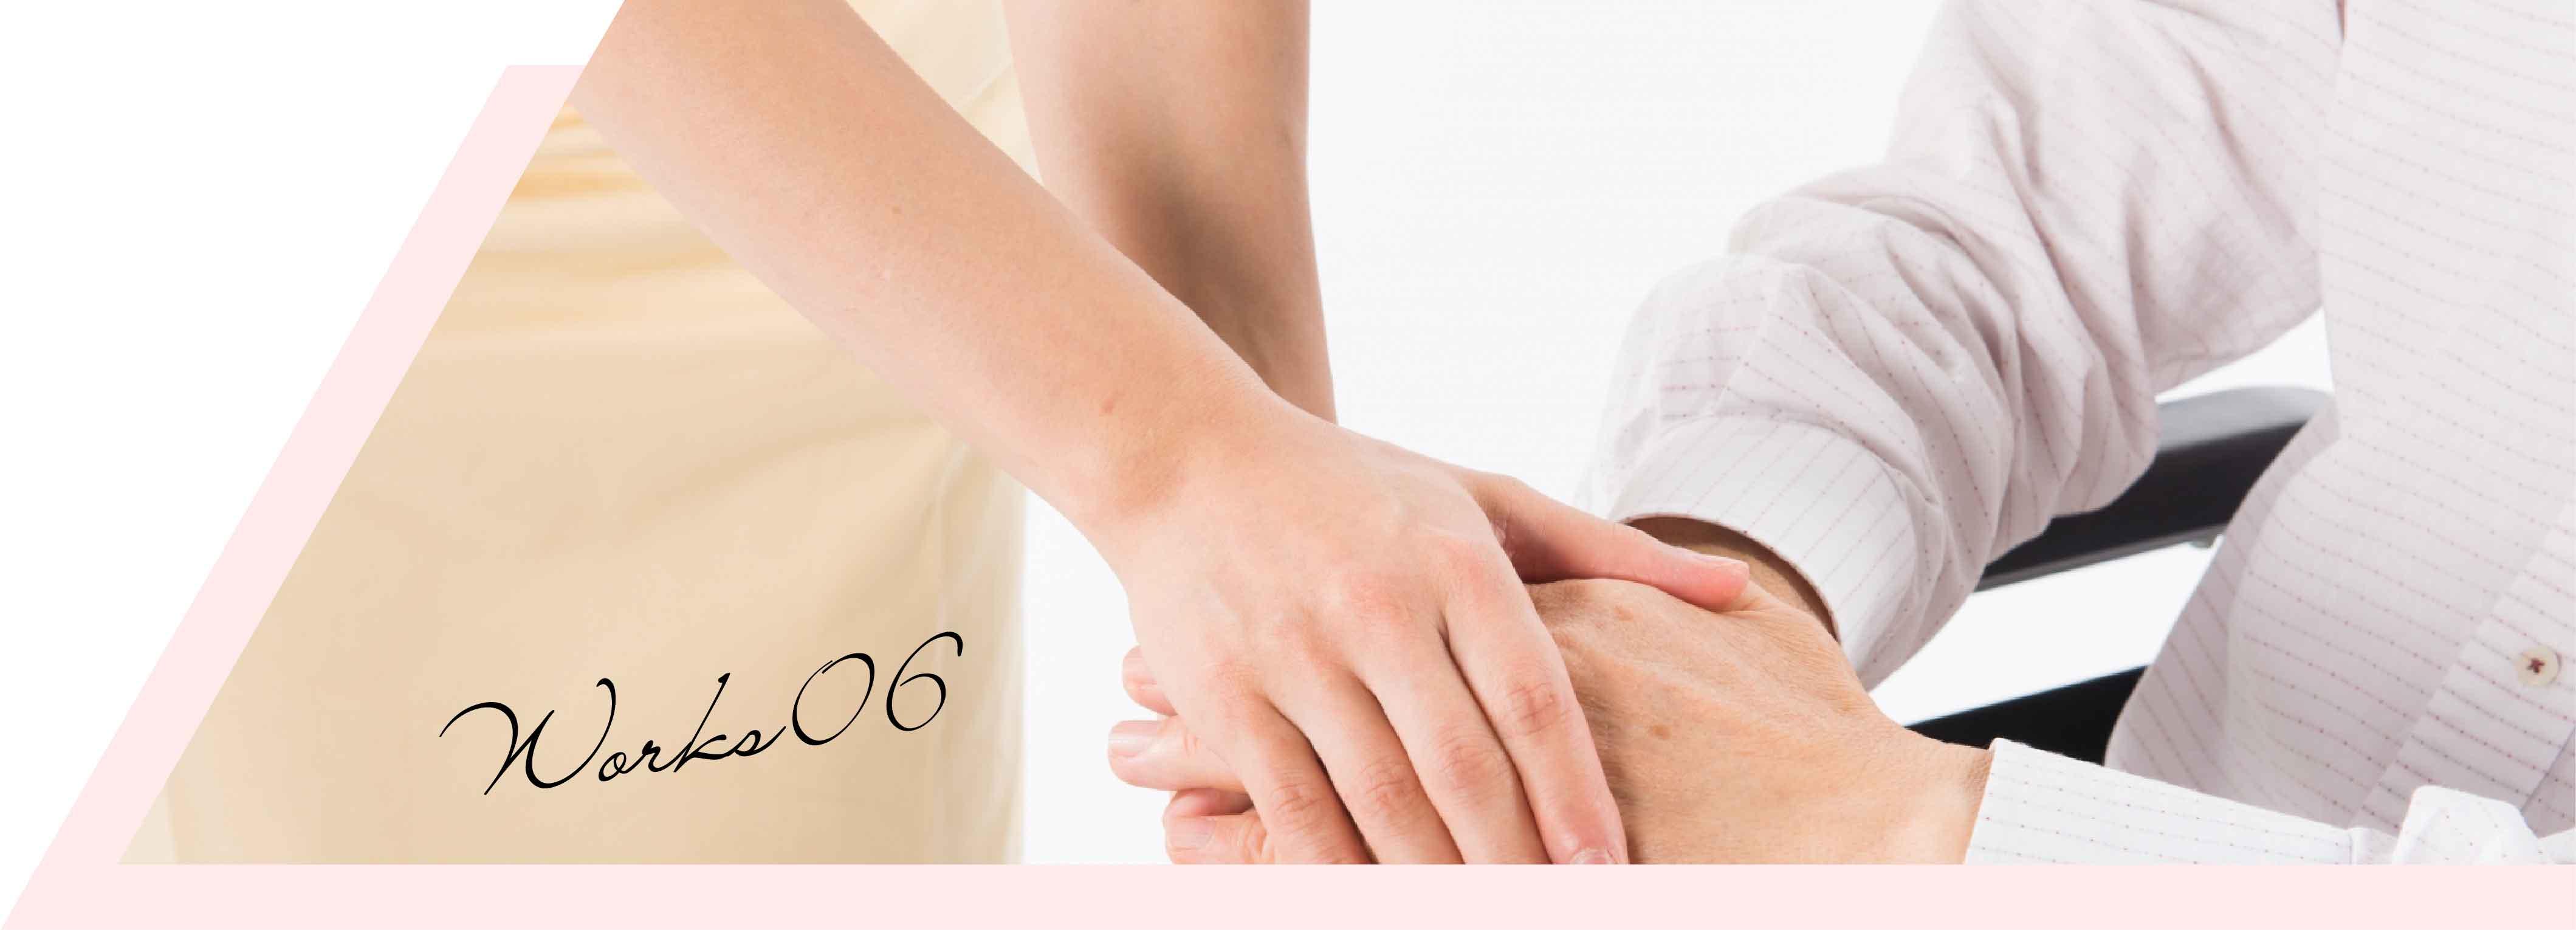 介護事業コンサルティング(開業支援・運営支援)